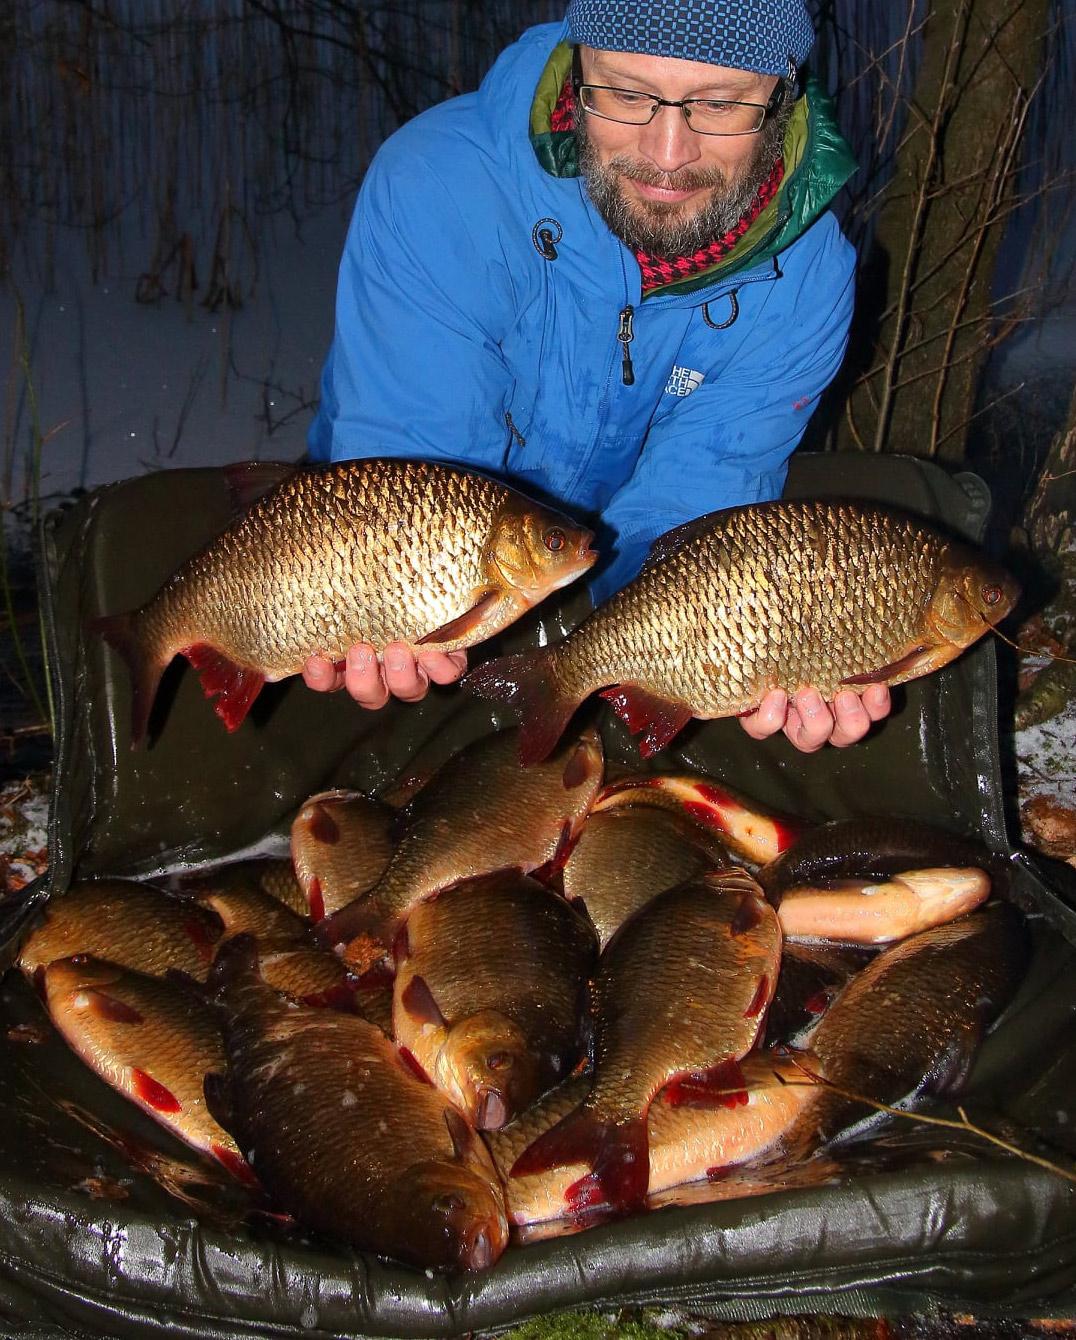 Jacob Utzen Bechmann fik det vildeste rudskalle-jackpot ved at fiske i en våge i isen.